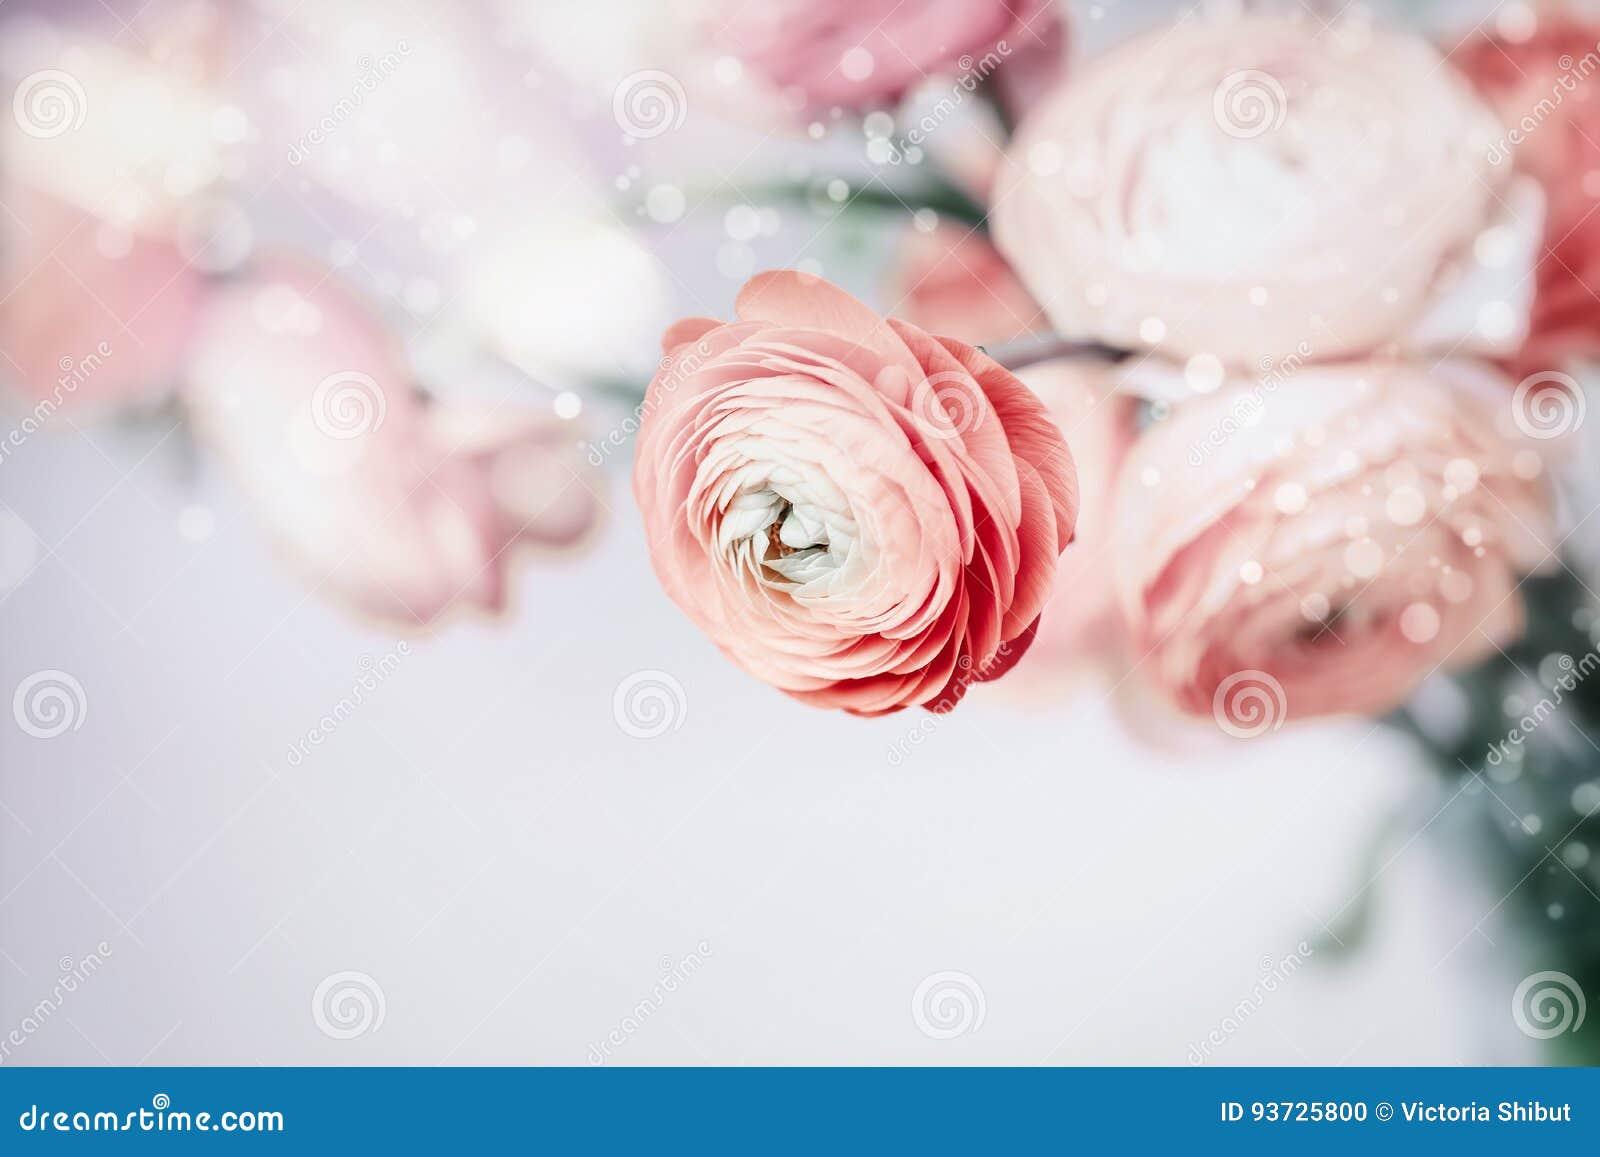 Fond Floral En Pastel Avec De Jolies Fleurs Photo stock